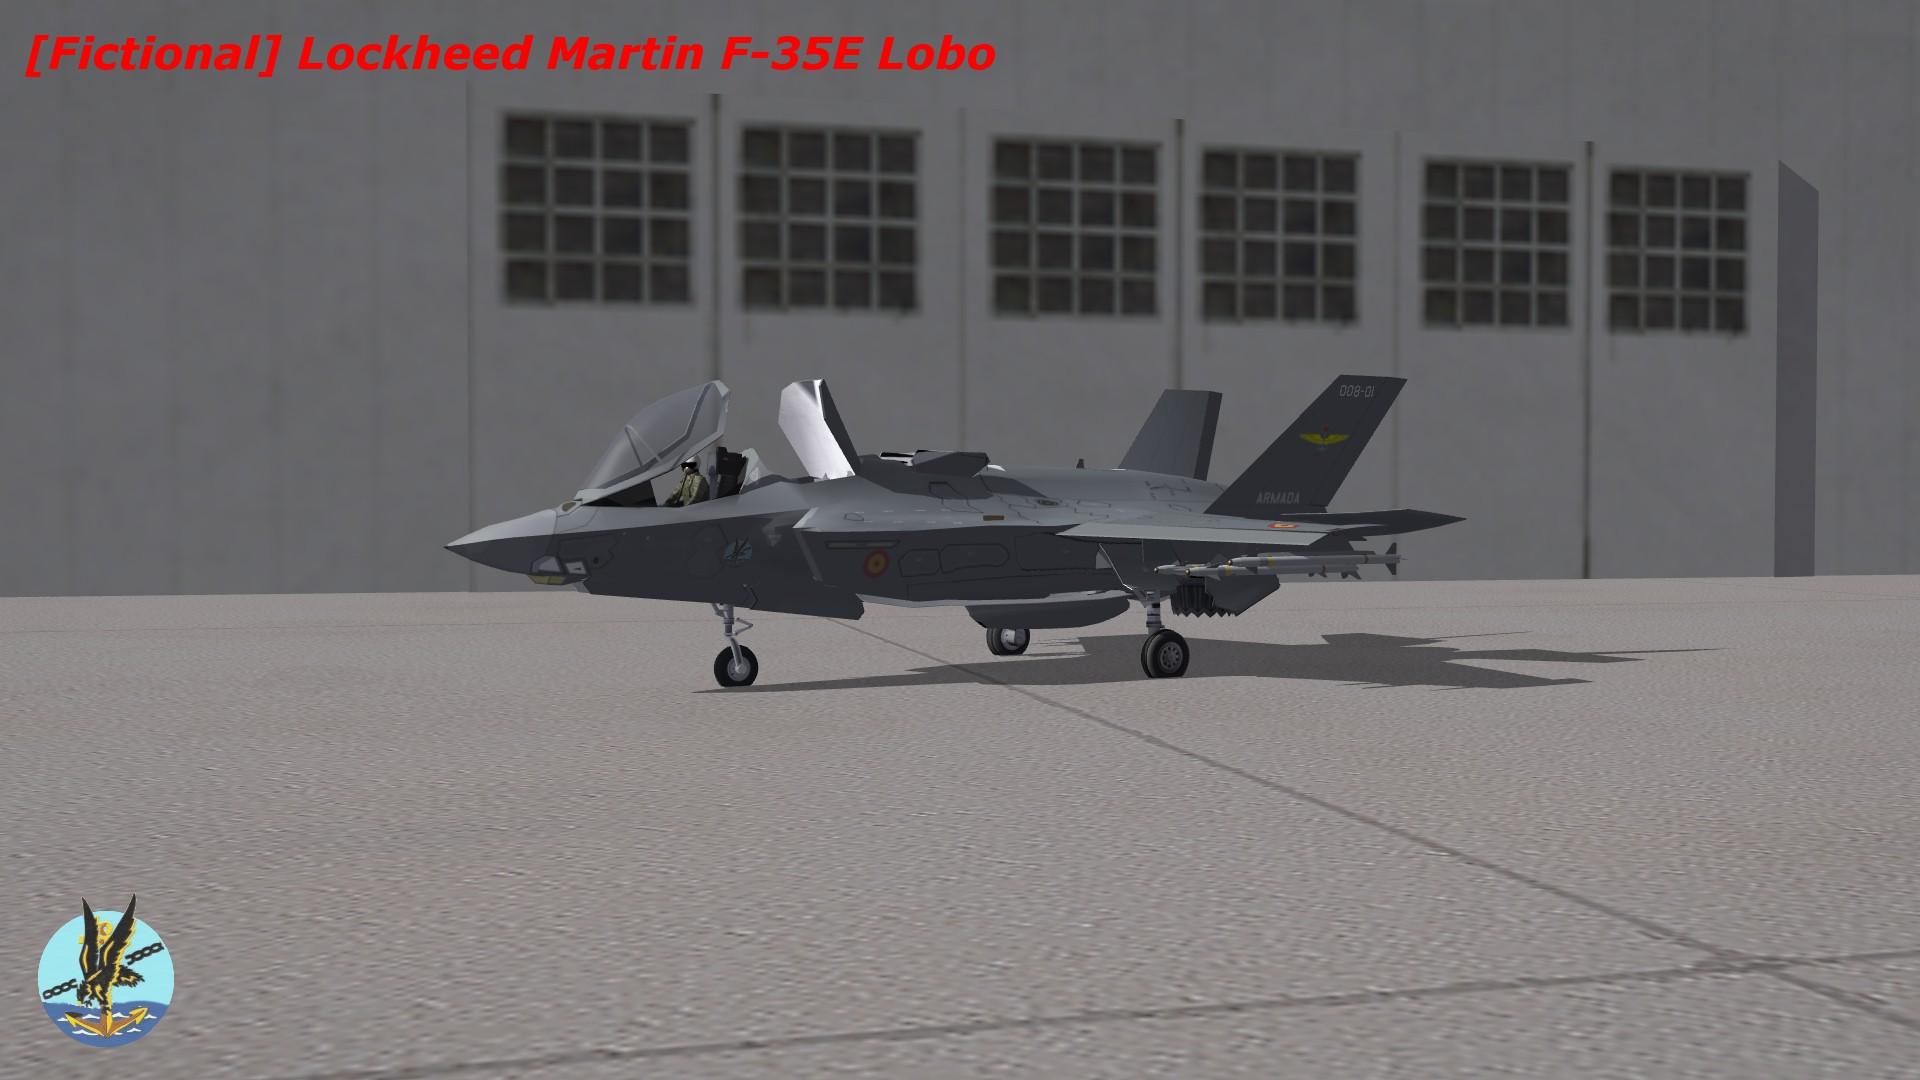 """[Fictional] Lockheed Martin F-35E """"Lobo"""""""